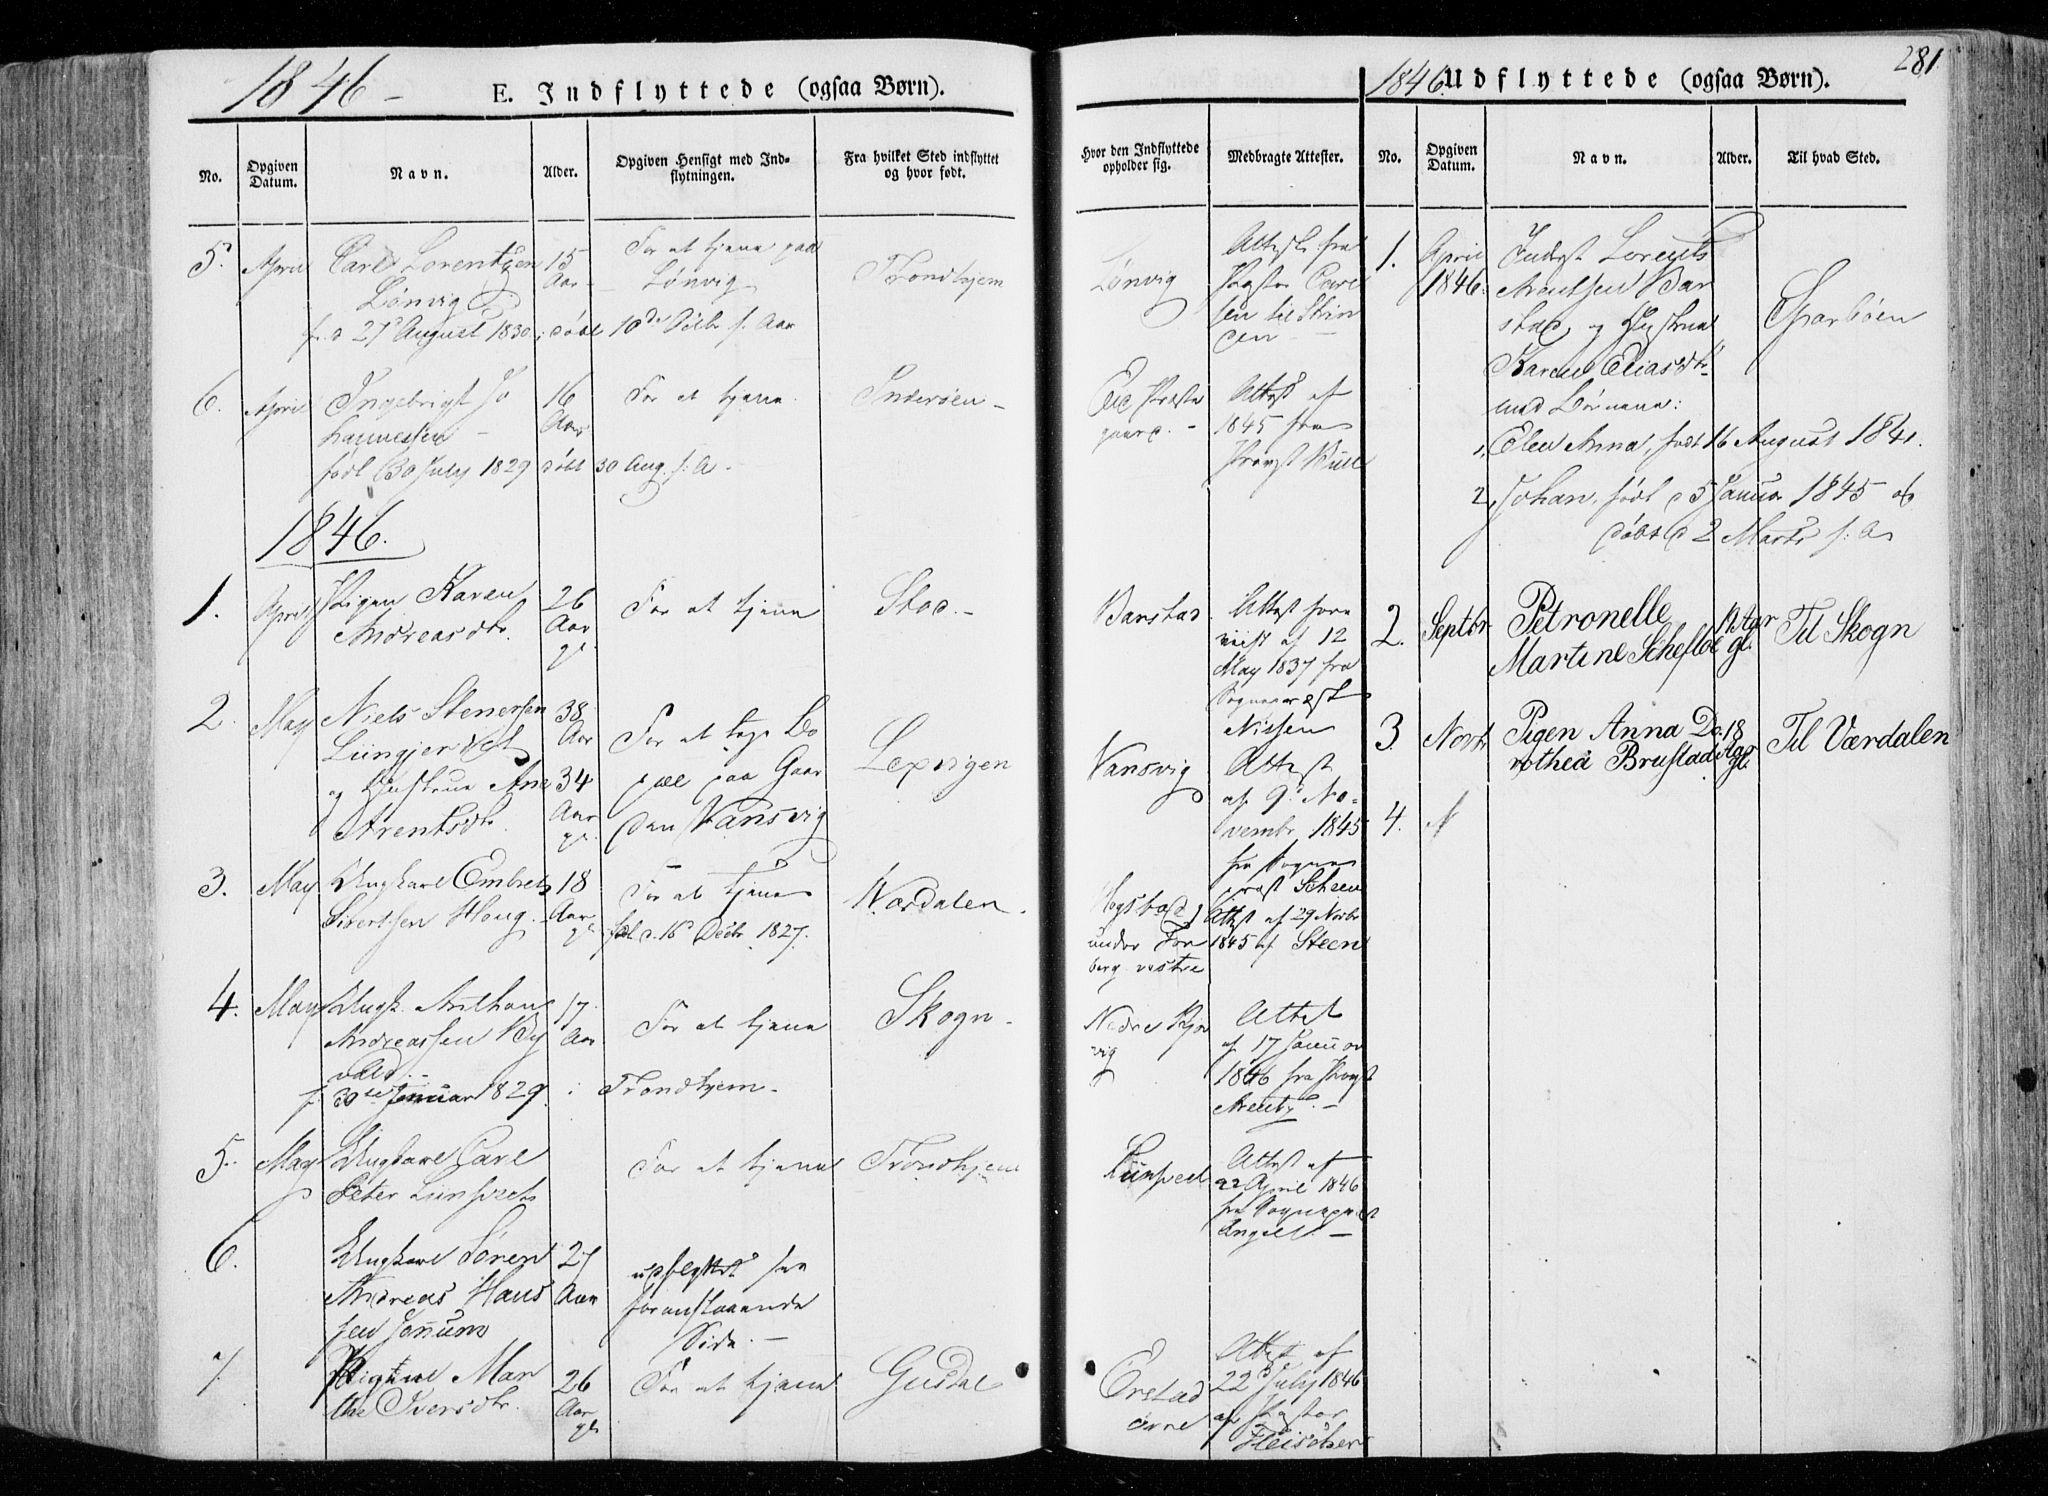 SAT, Ministerialprotokoller, klokkerbøker og fødselsregistre - Nord-Trøndelag, 722/L0218: Ministerialbok nr. 722A05, 1843-1868, s. 281